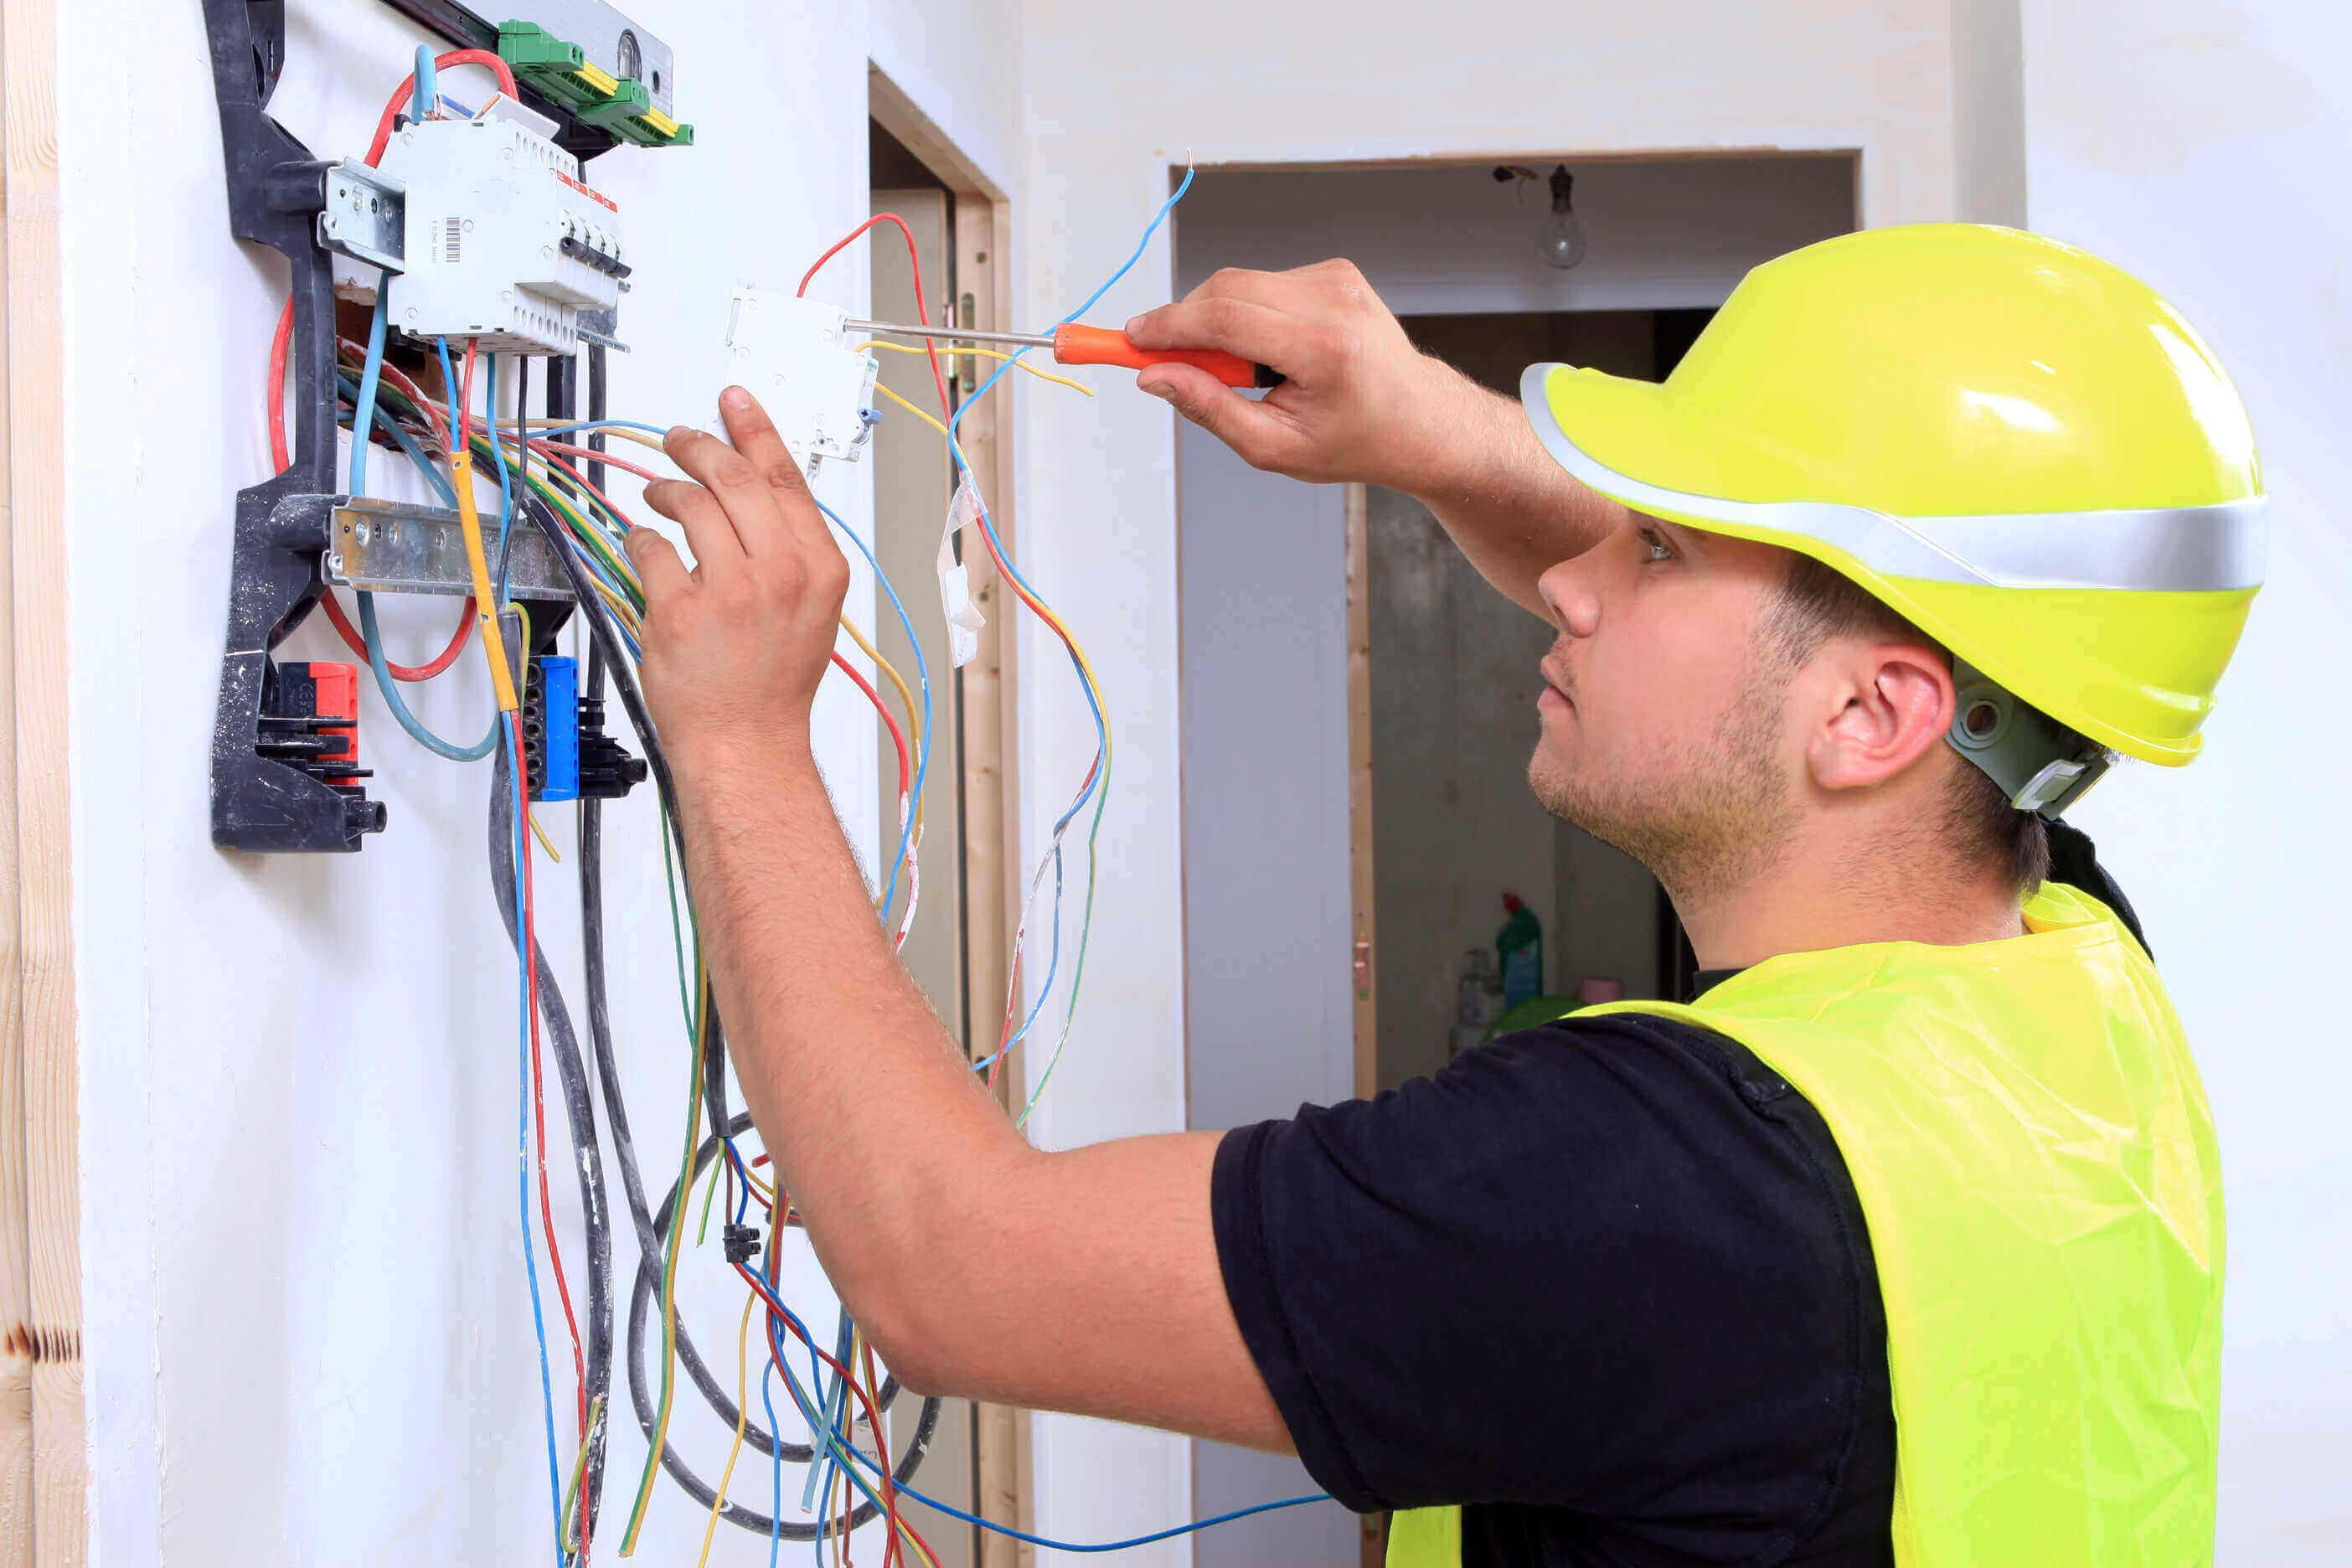 """Cosa vuol dire """"lavorare a regola d'arte"""" nel settore elettrico?"""